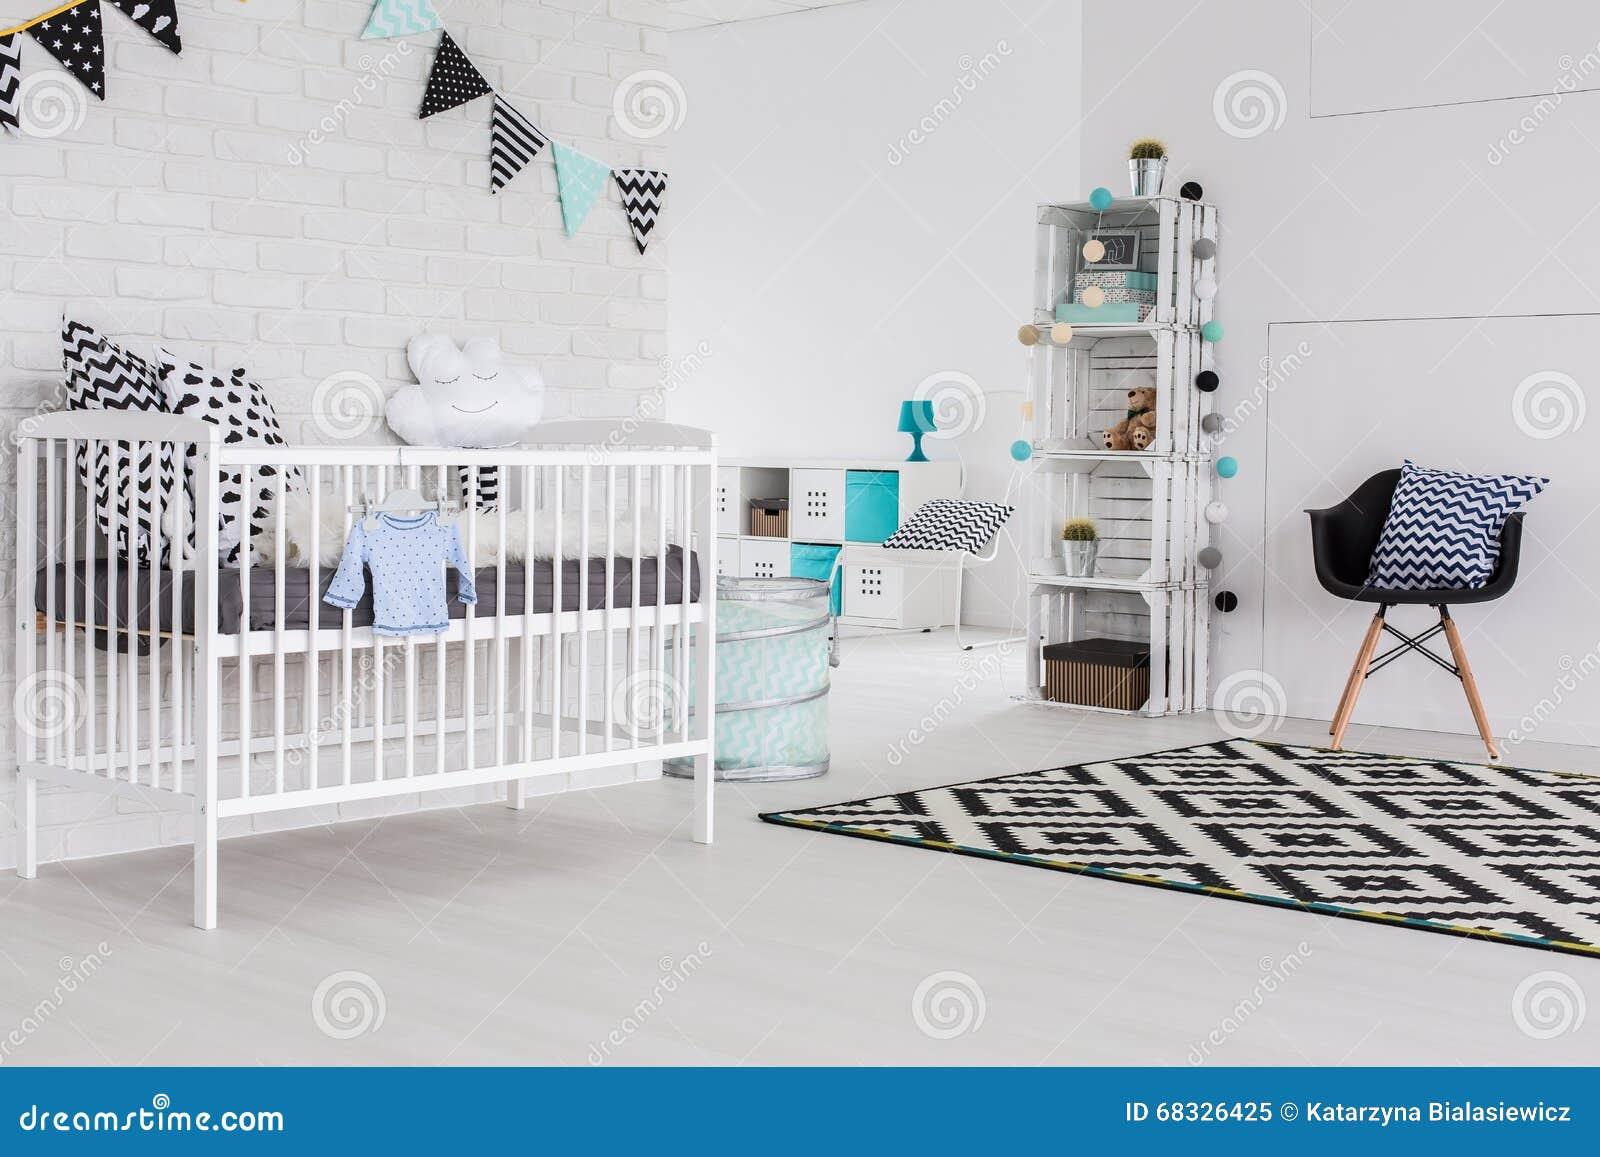 Elegantie in een babyruimte? Zeker!